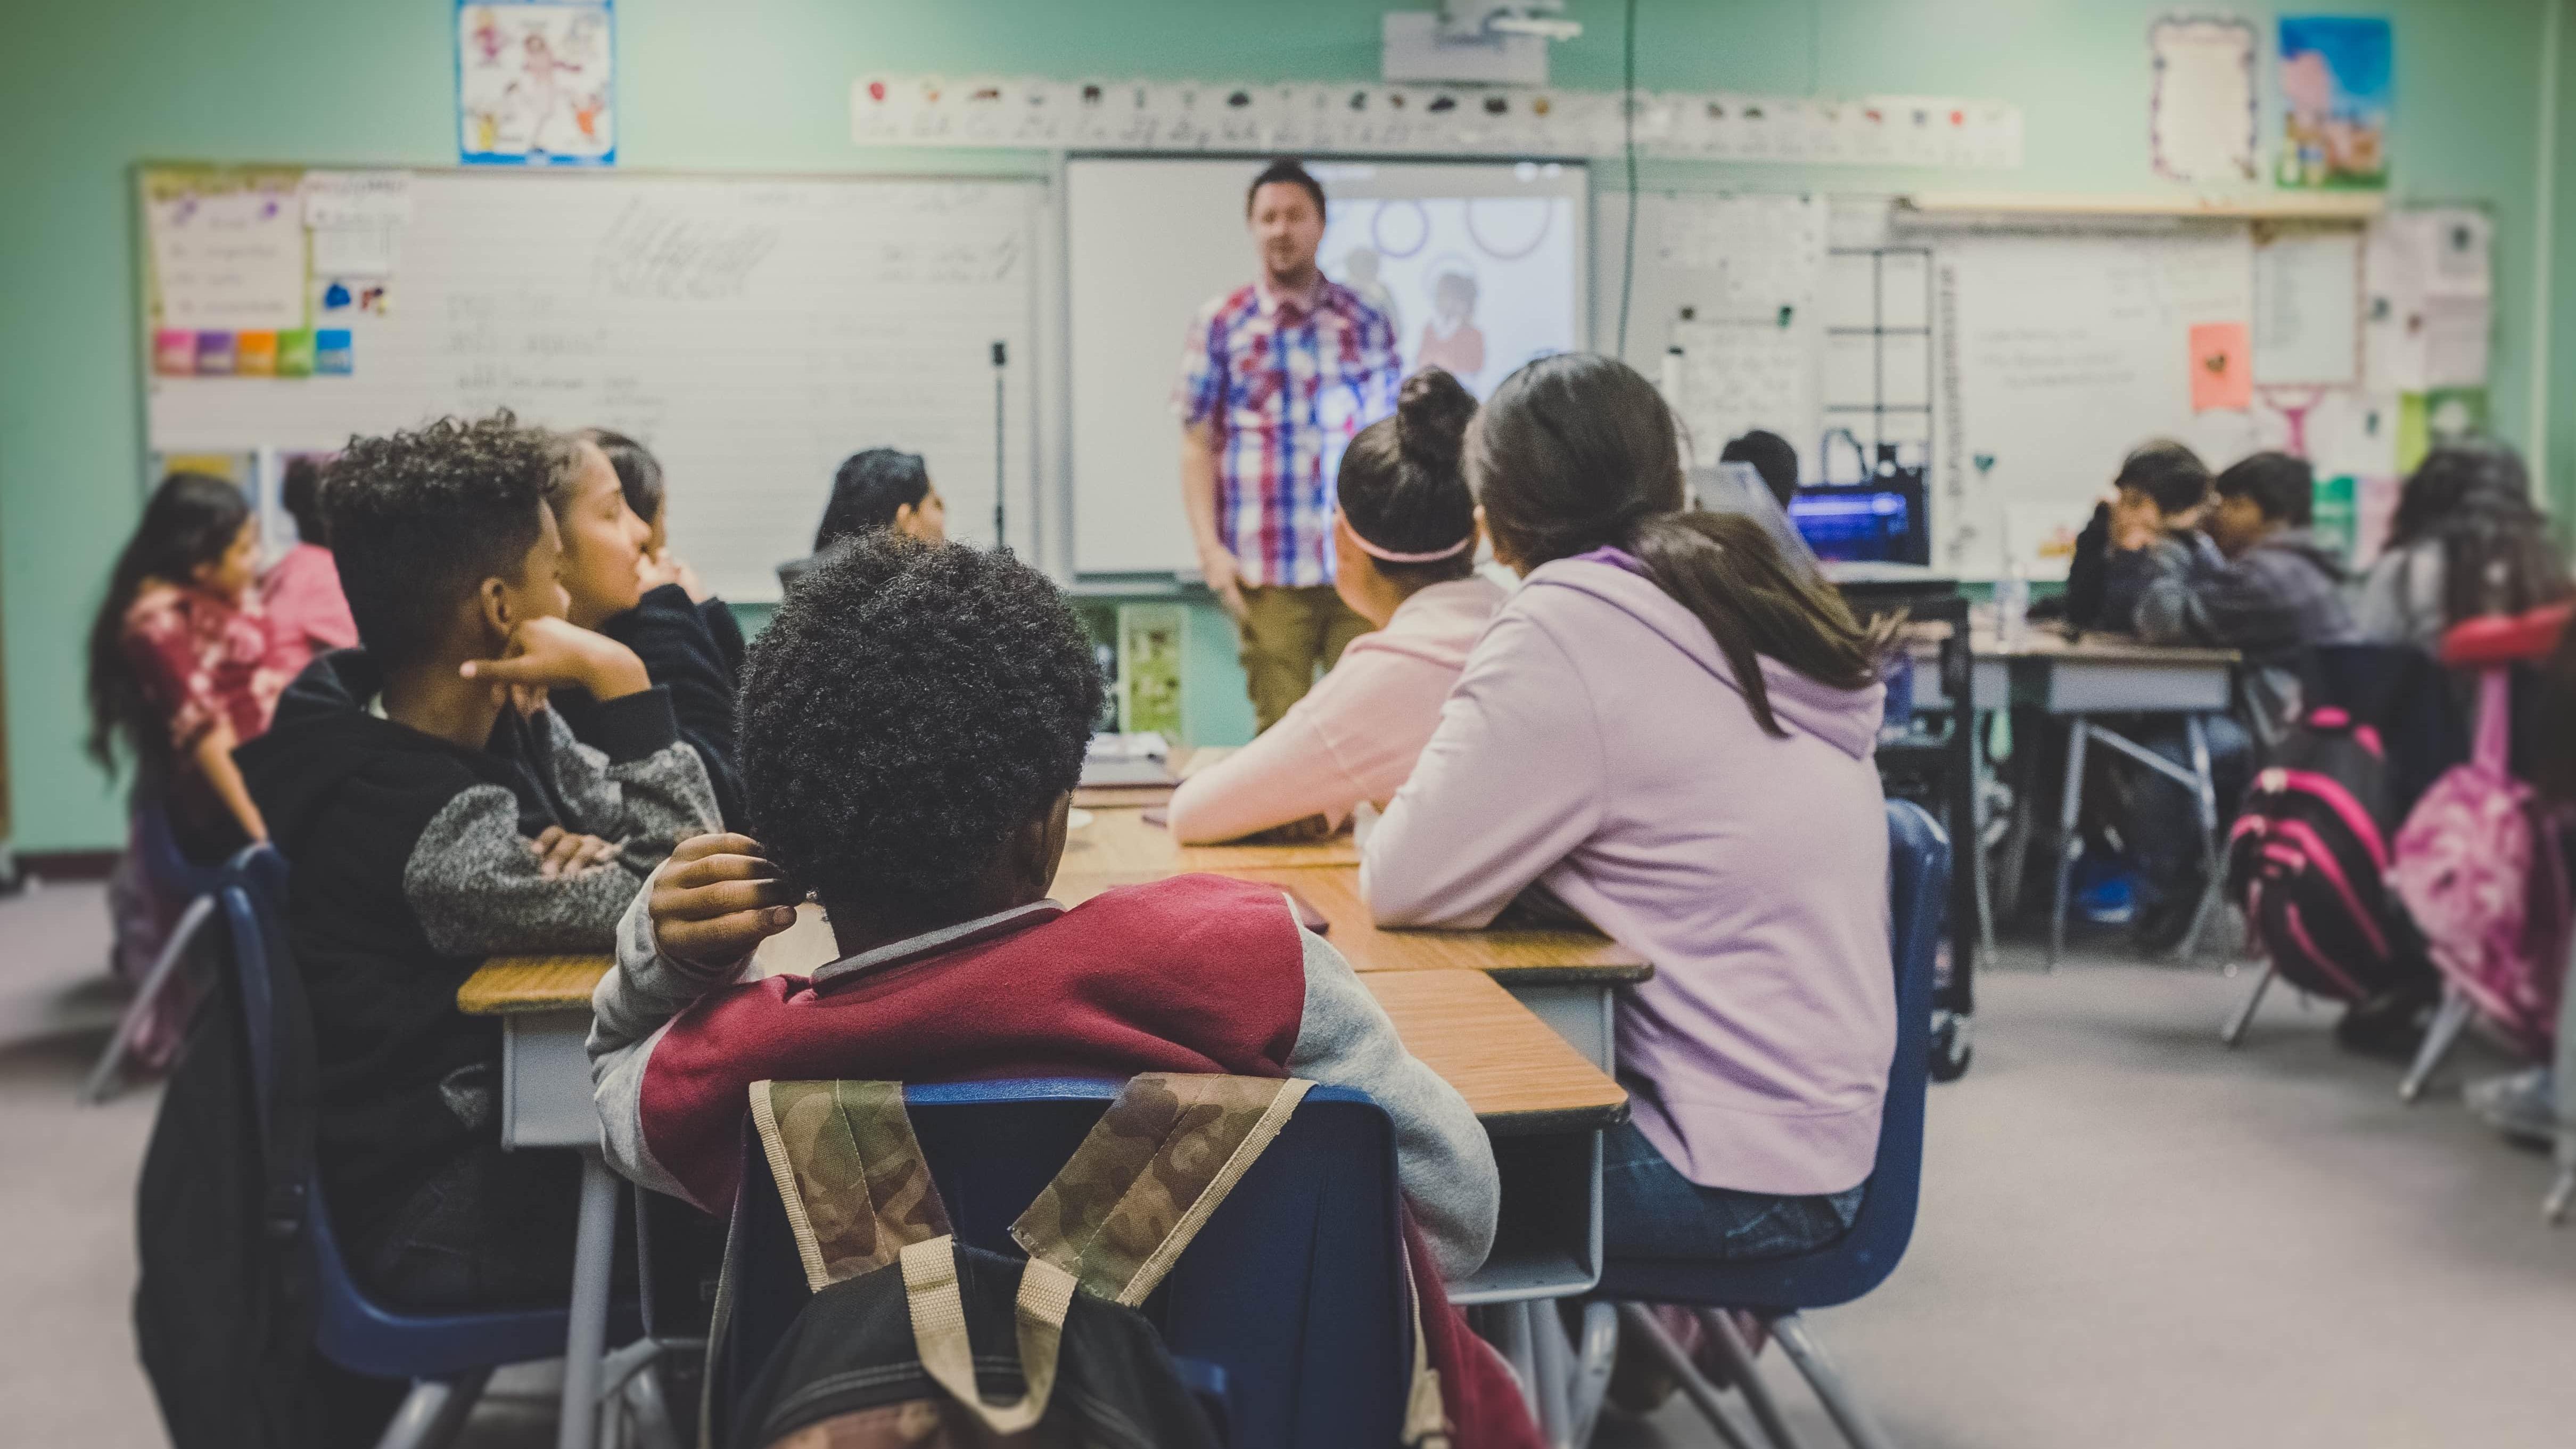 Утренний мозг: время занятий в старшей школе имеет значение